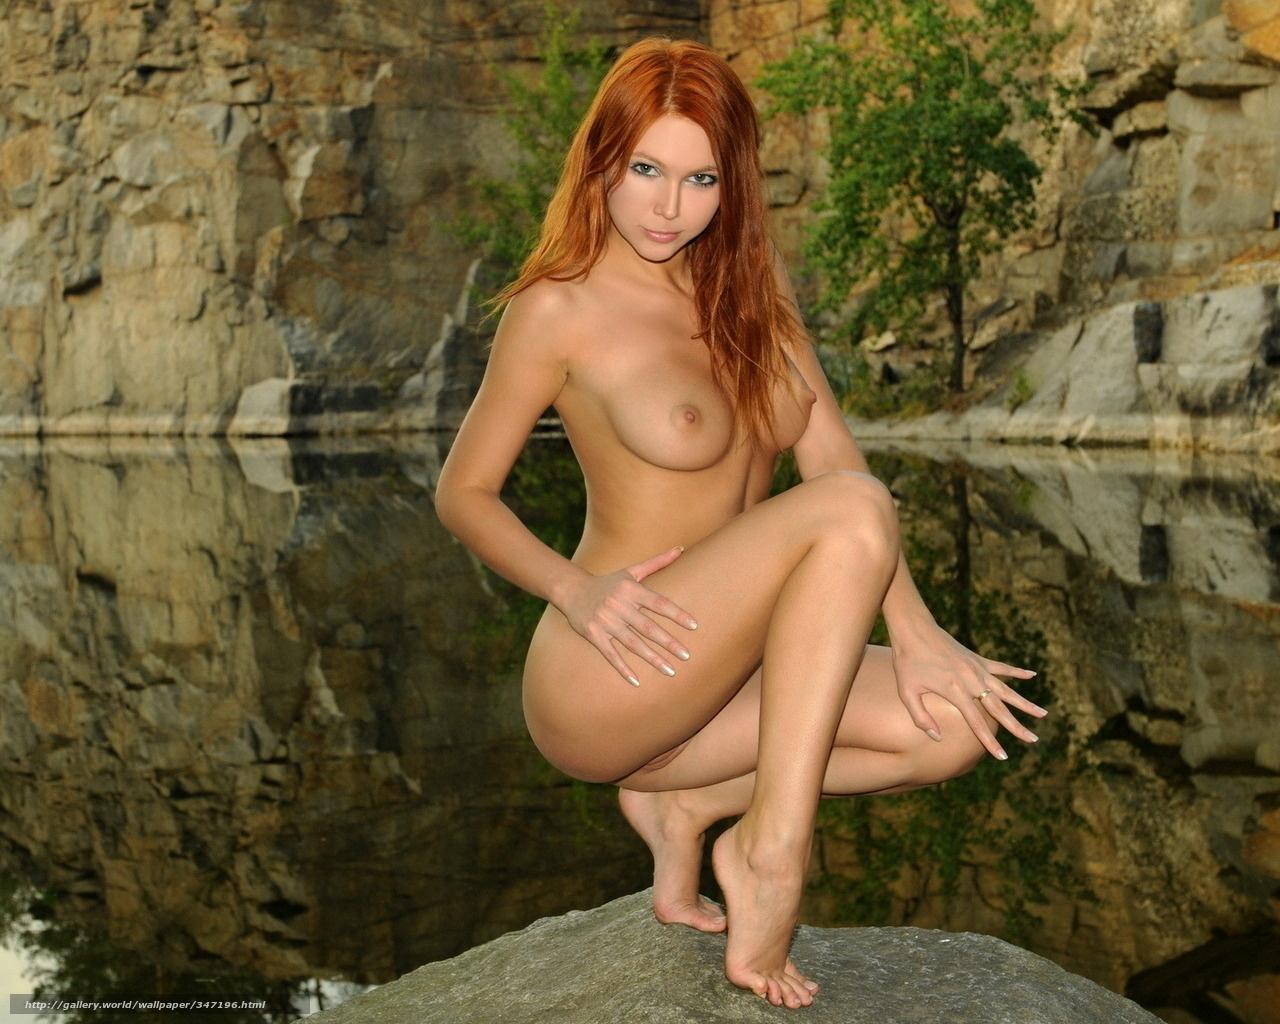 Самые красивые девушки голы фото 24 фотография